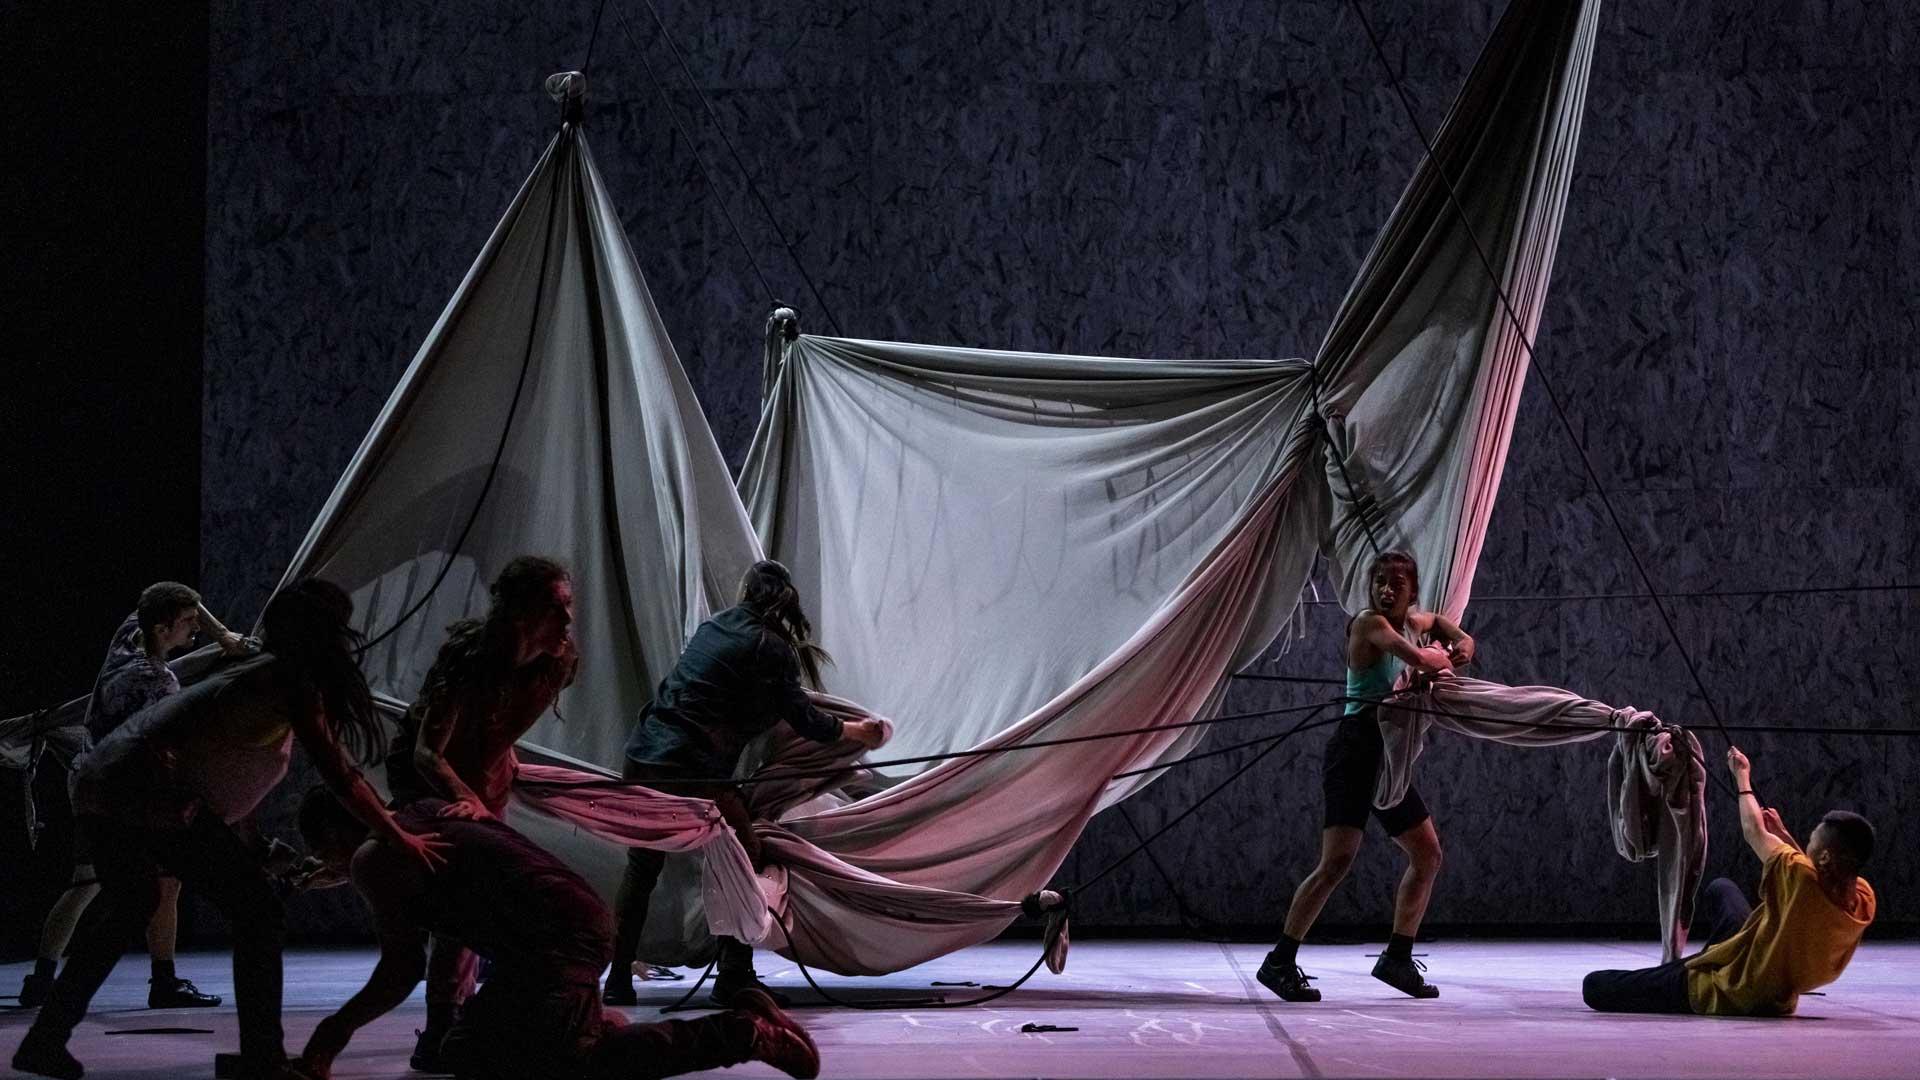 Welches Gebilde entsteht hier? Die Inszenierung lässt Raum für Interpretationen ( Photo: Jubal Battisti, Staatsballett Berlin)